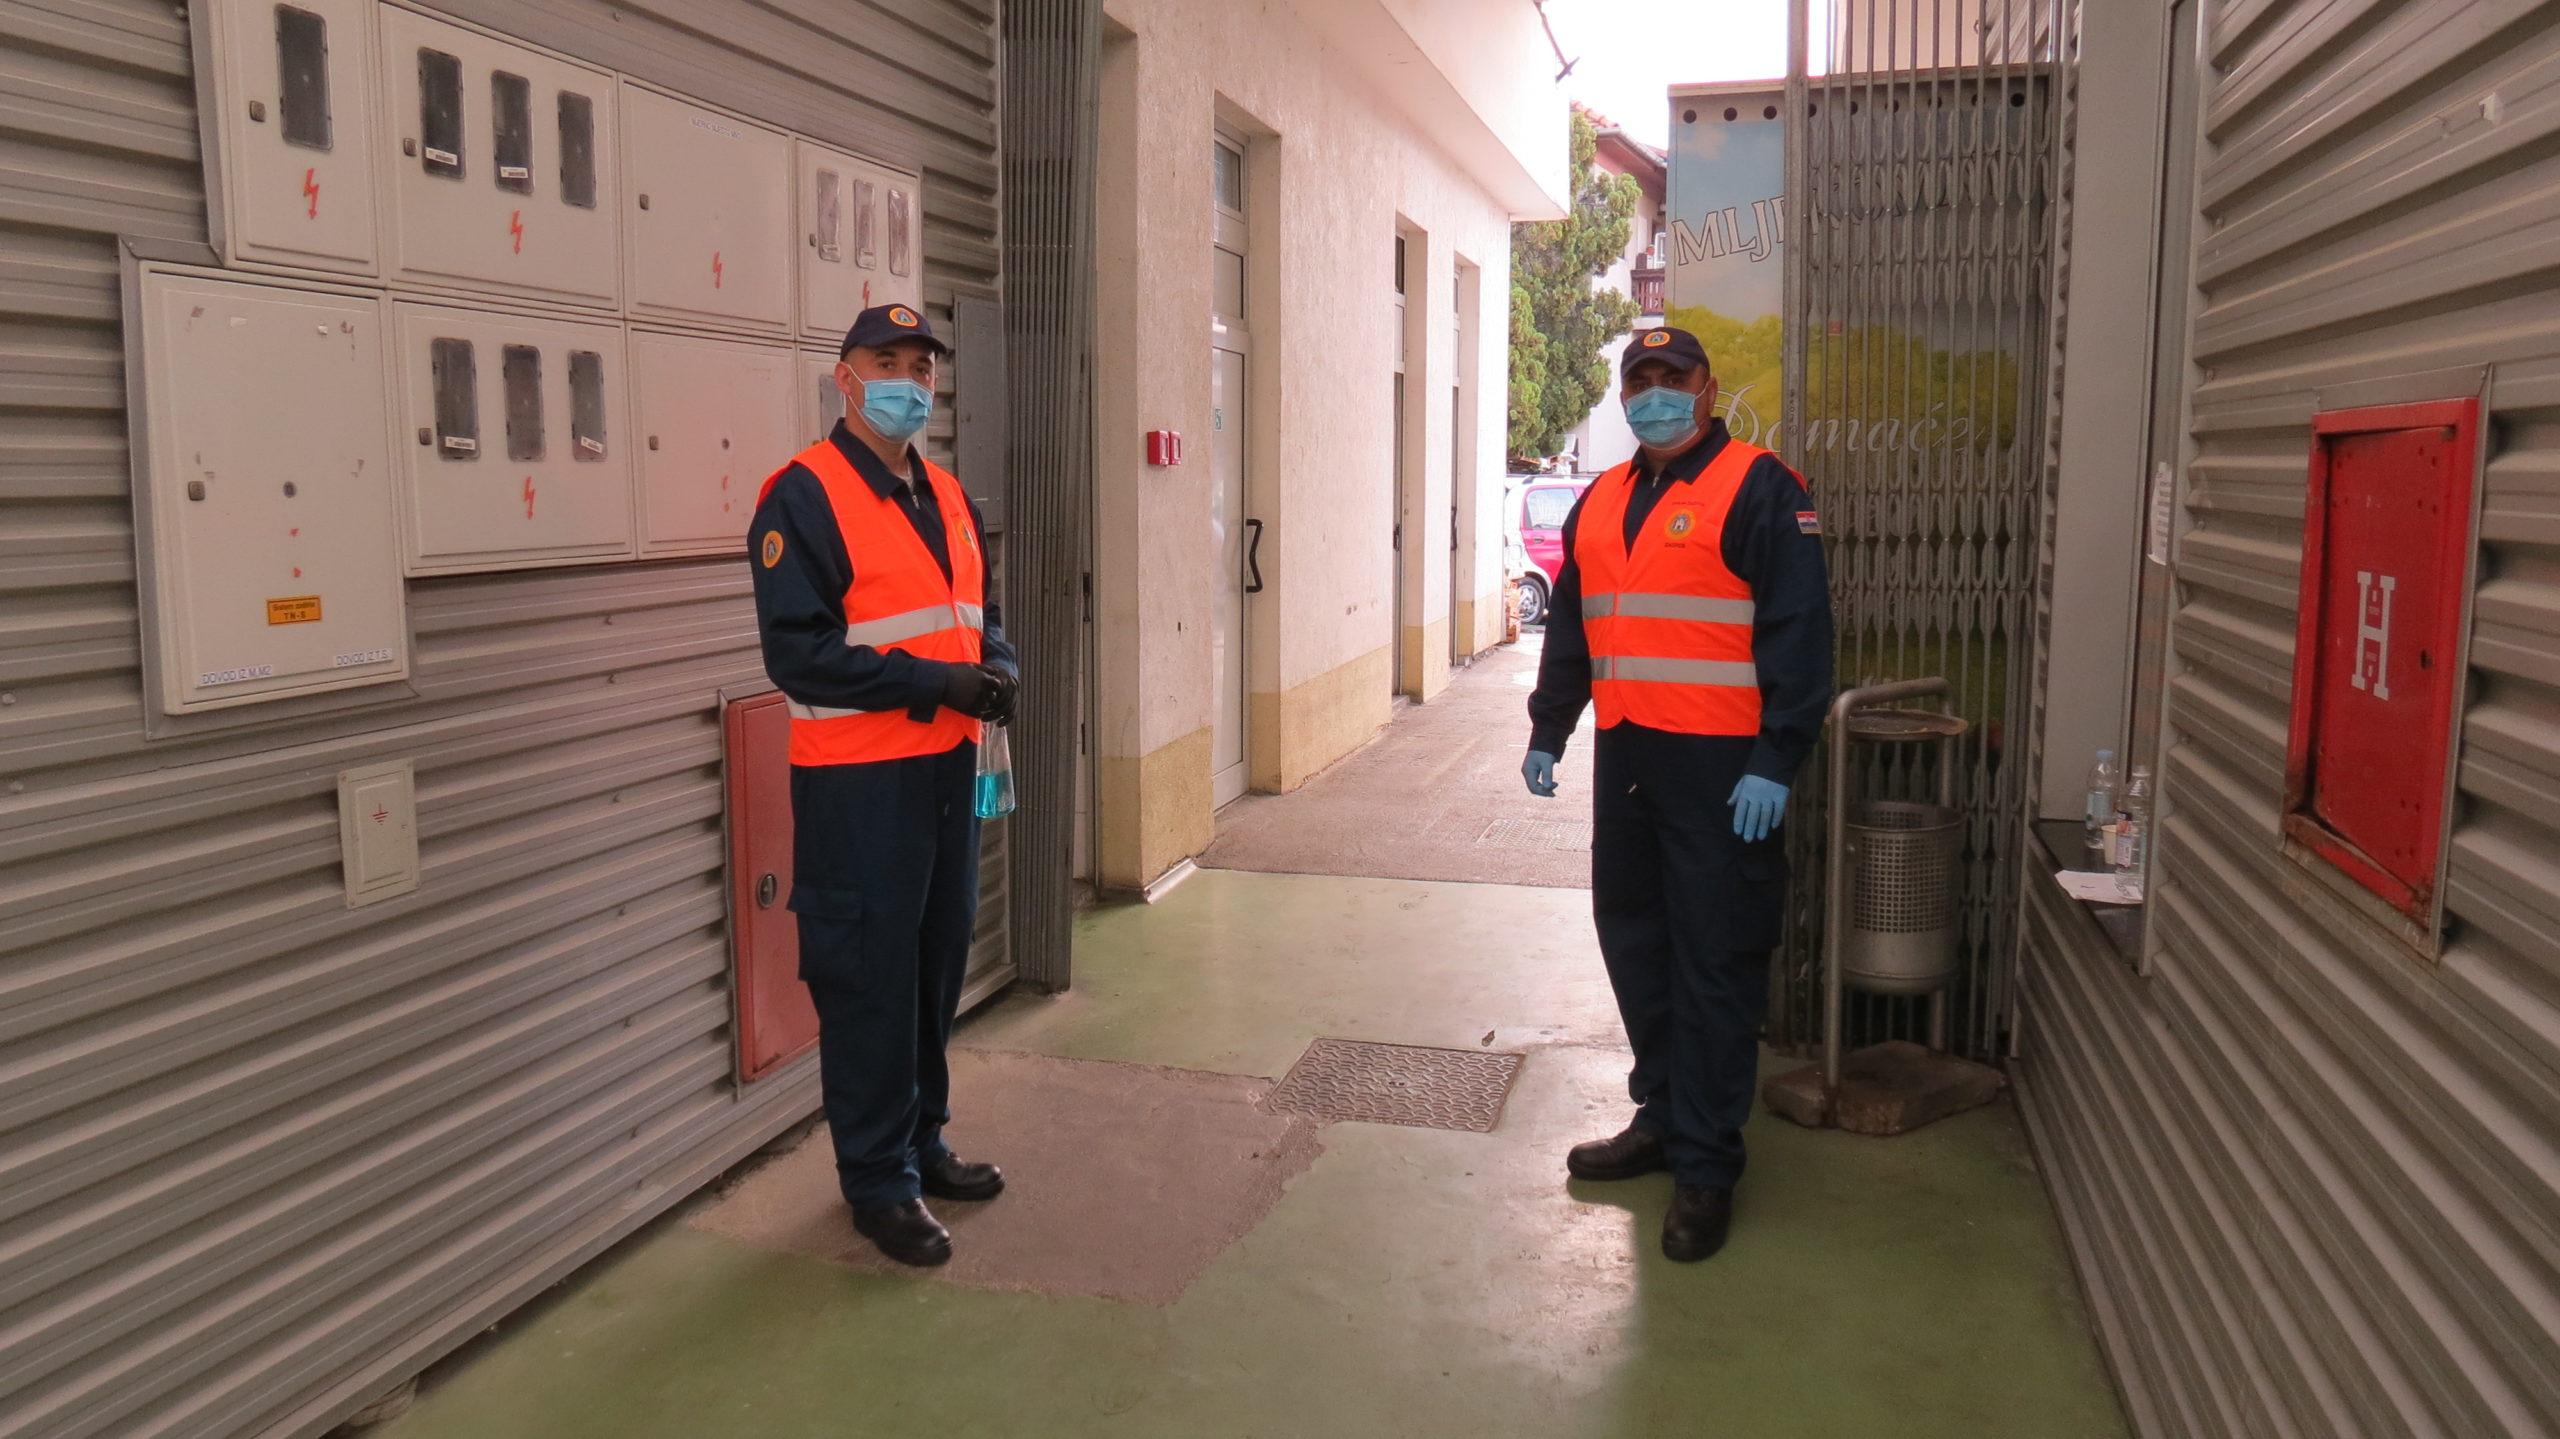 Članovi civilne zaštite na ulazu u Tržnicu Prečko sa zadatkom kontrole broja ljudi koji ulaze u tržnicu i dezinficiranjem njihovih ruku. [VR 2020.]